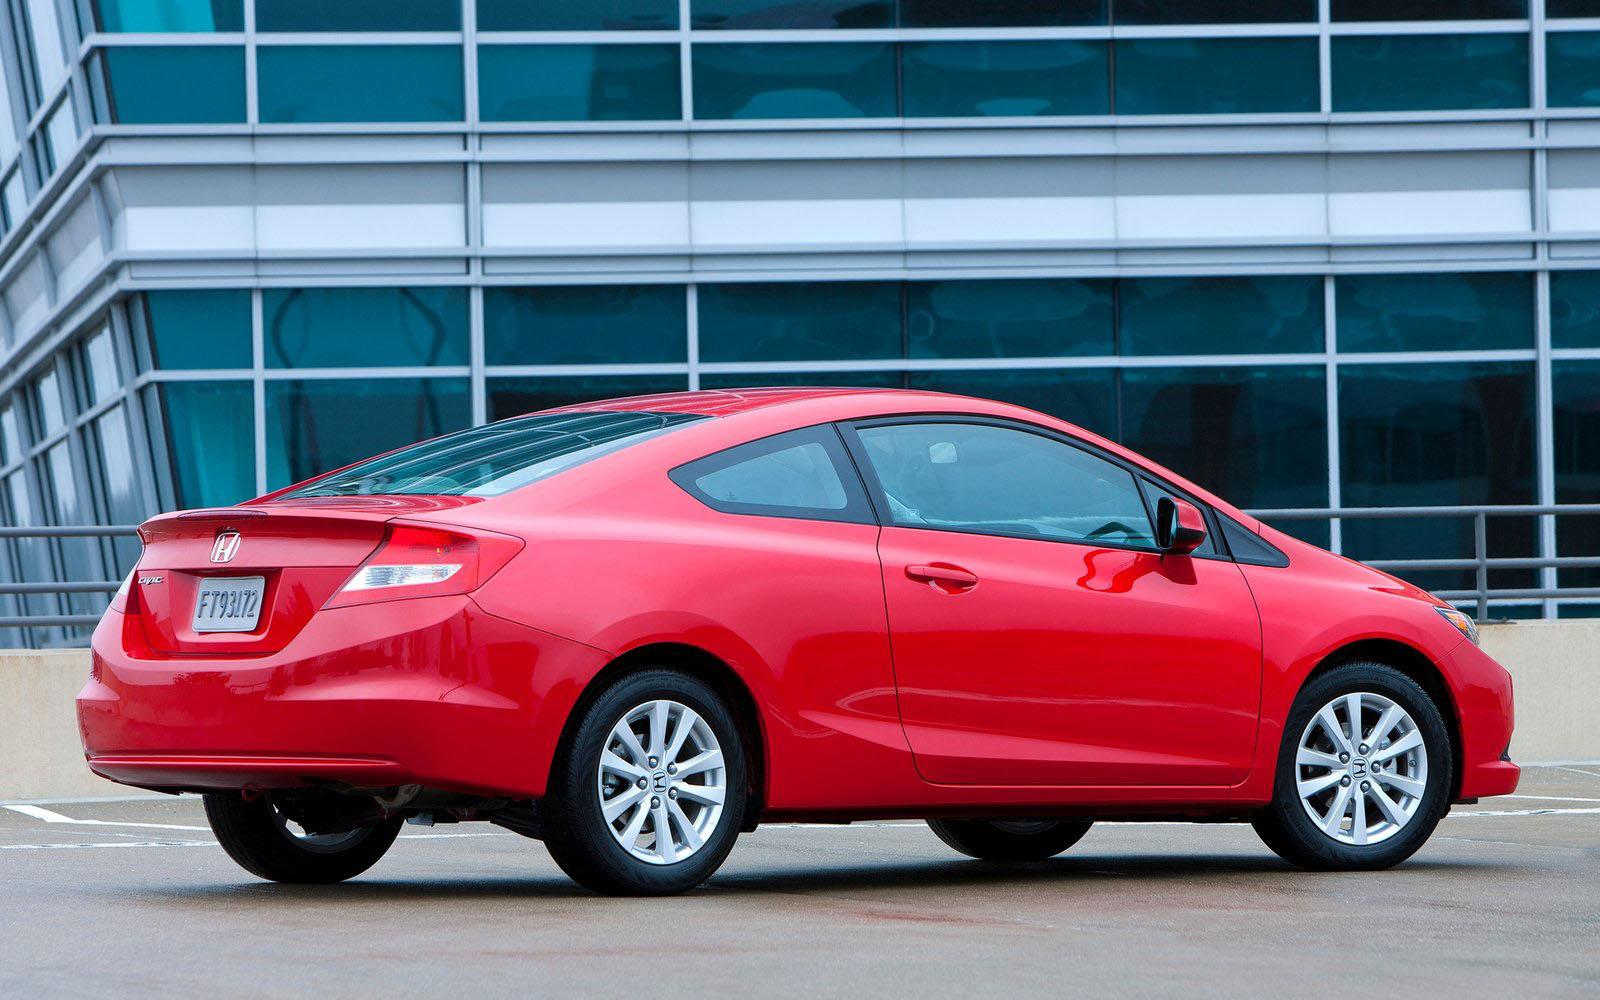 2012款本田思域coupe